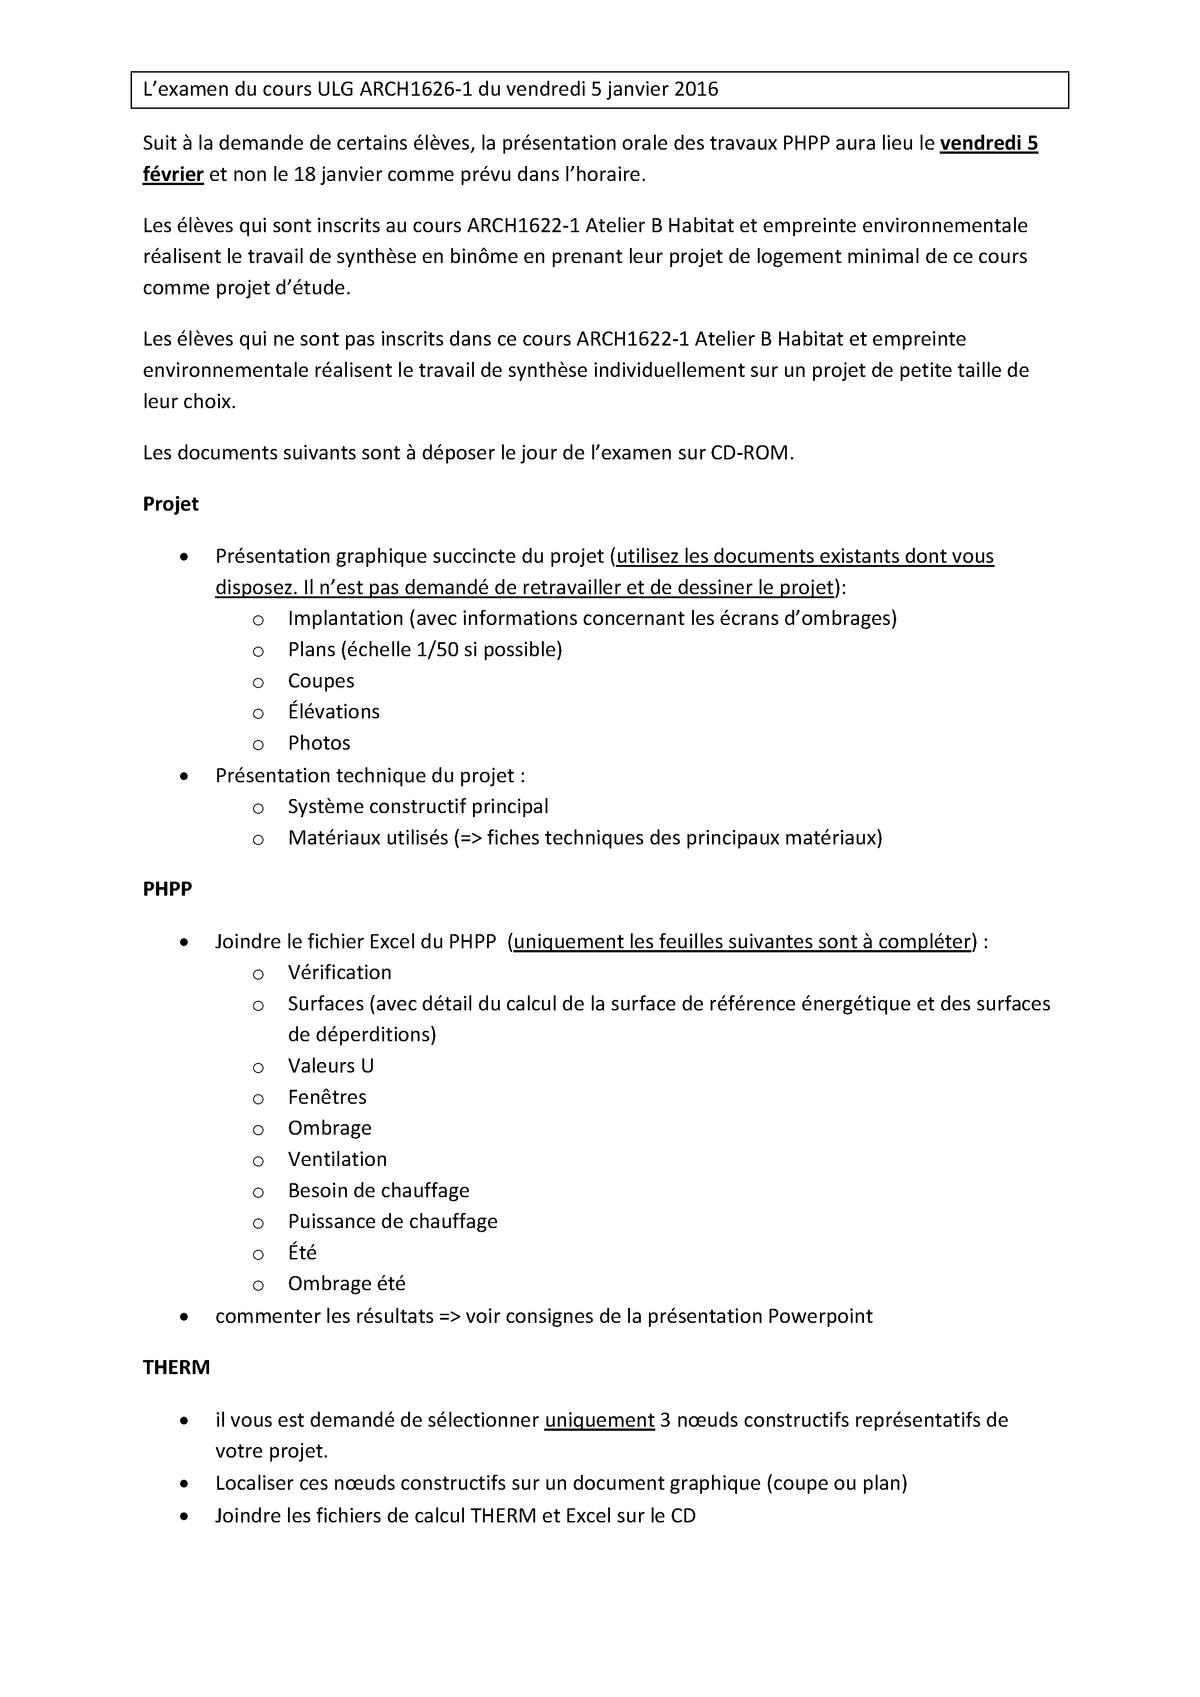 Devoirs De Séminaire - L'examen Du Cours Ulg Arch1626-1 dedans Ateliers Graphiques Ps